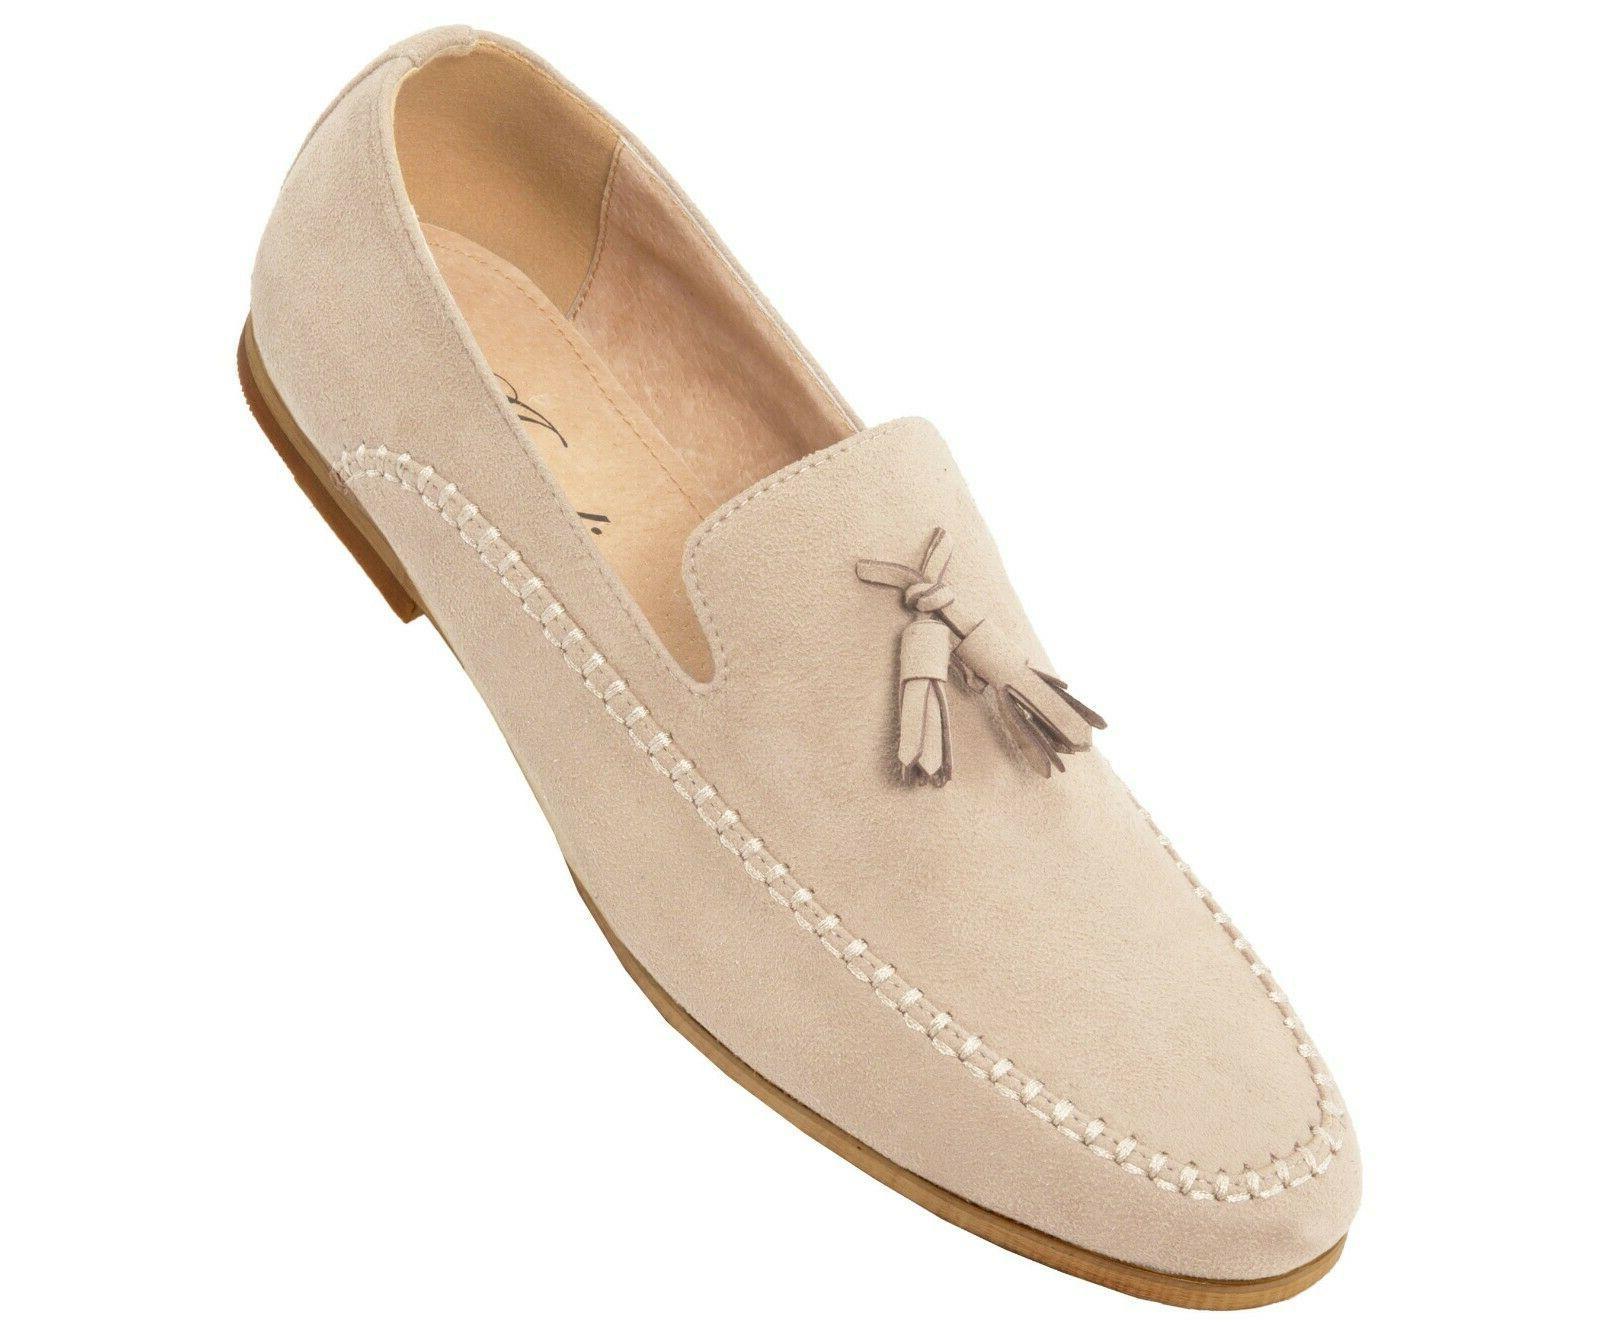 Amali Microfiber Faux Suede Men's Slip on Dress Shoe with Ta